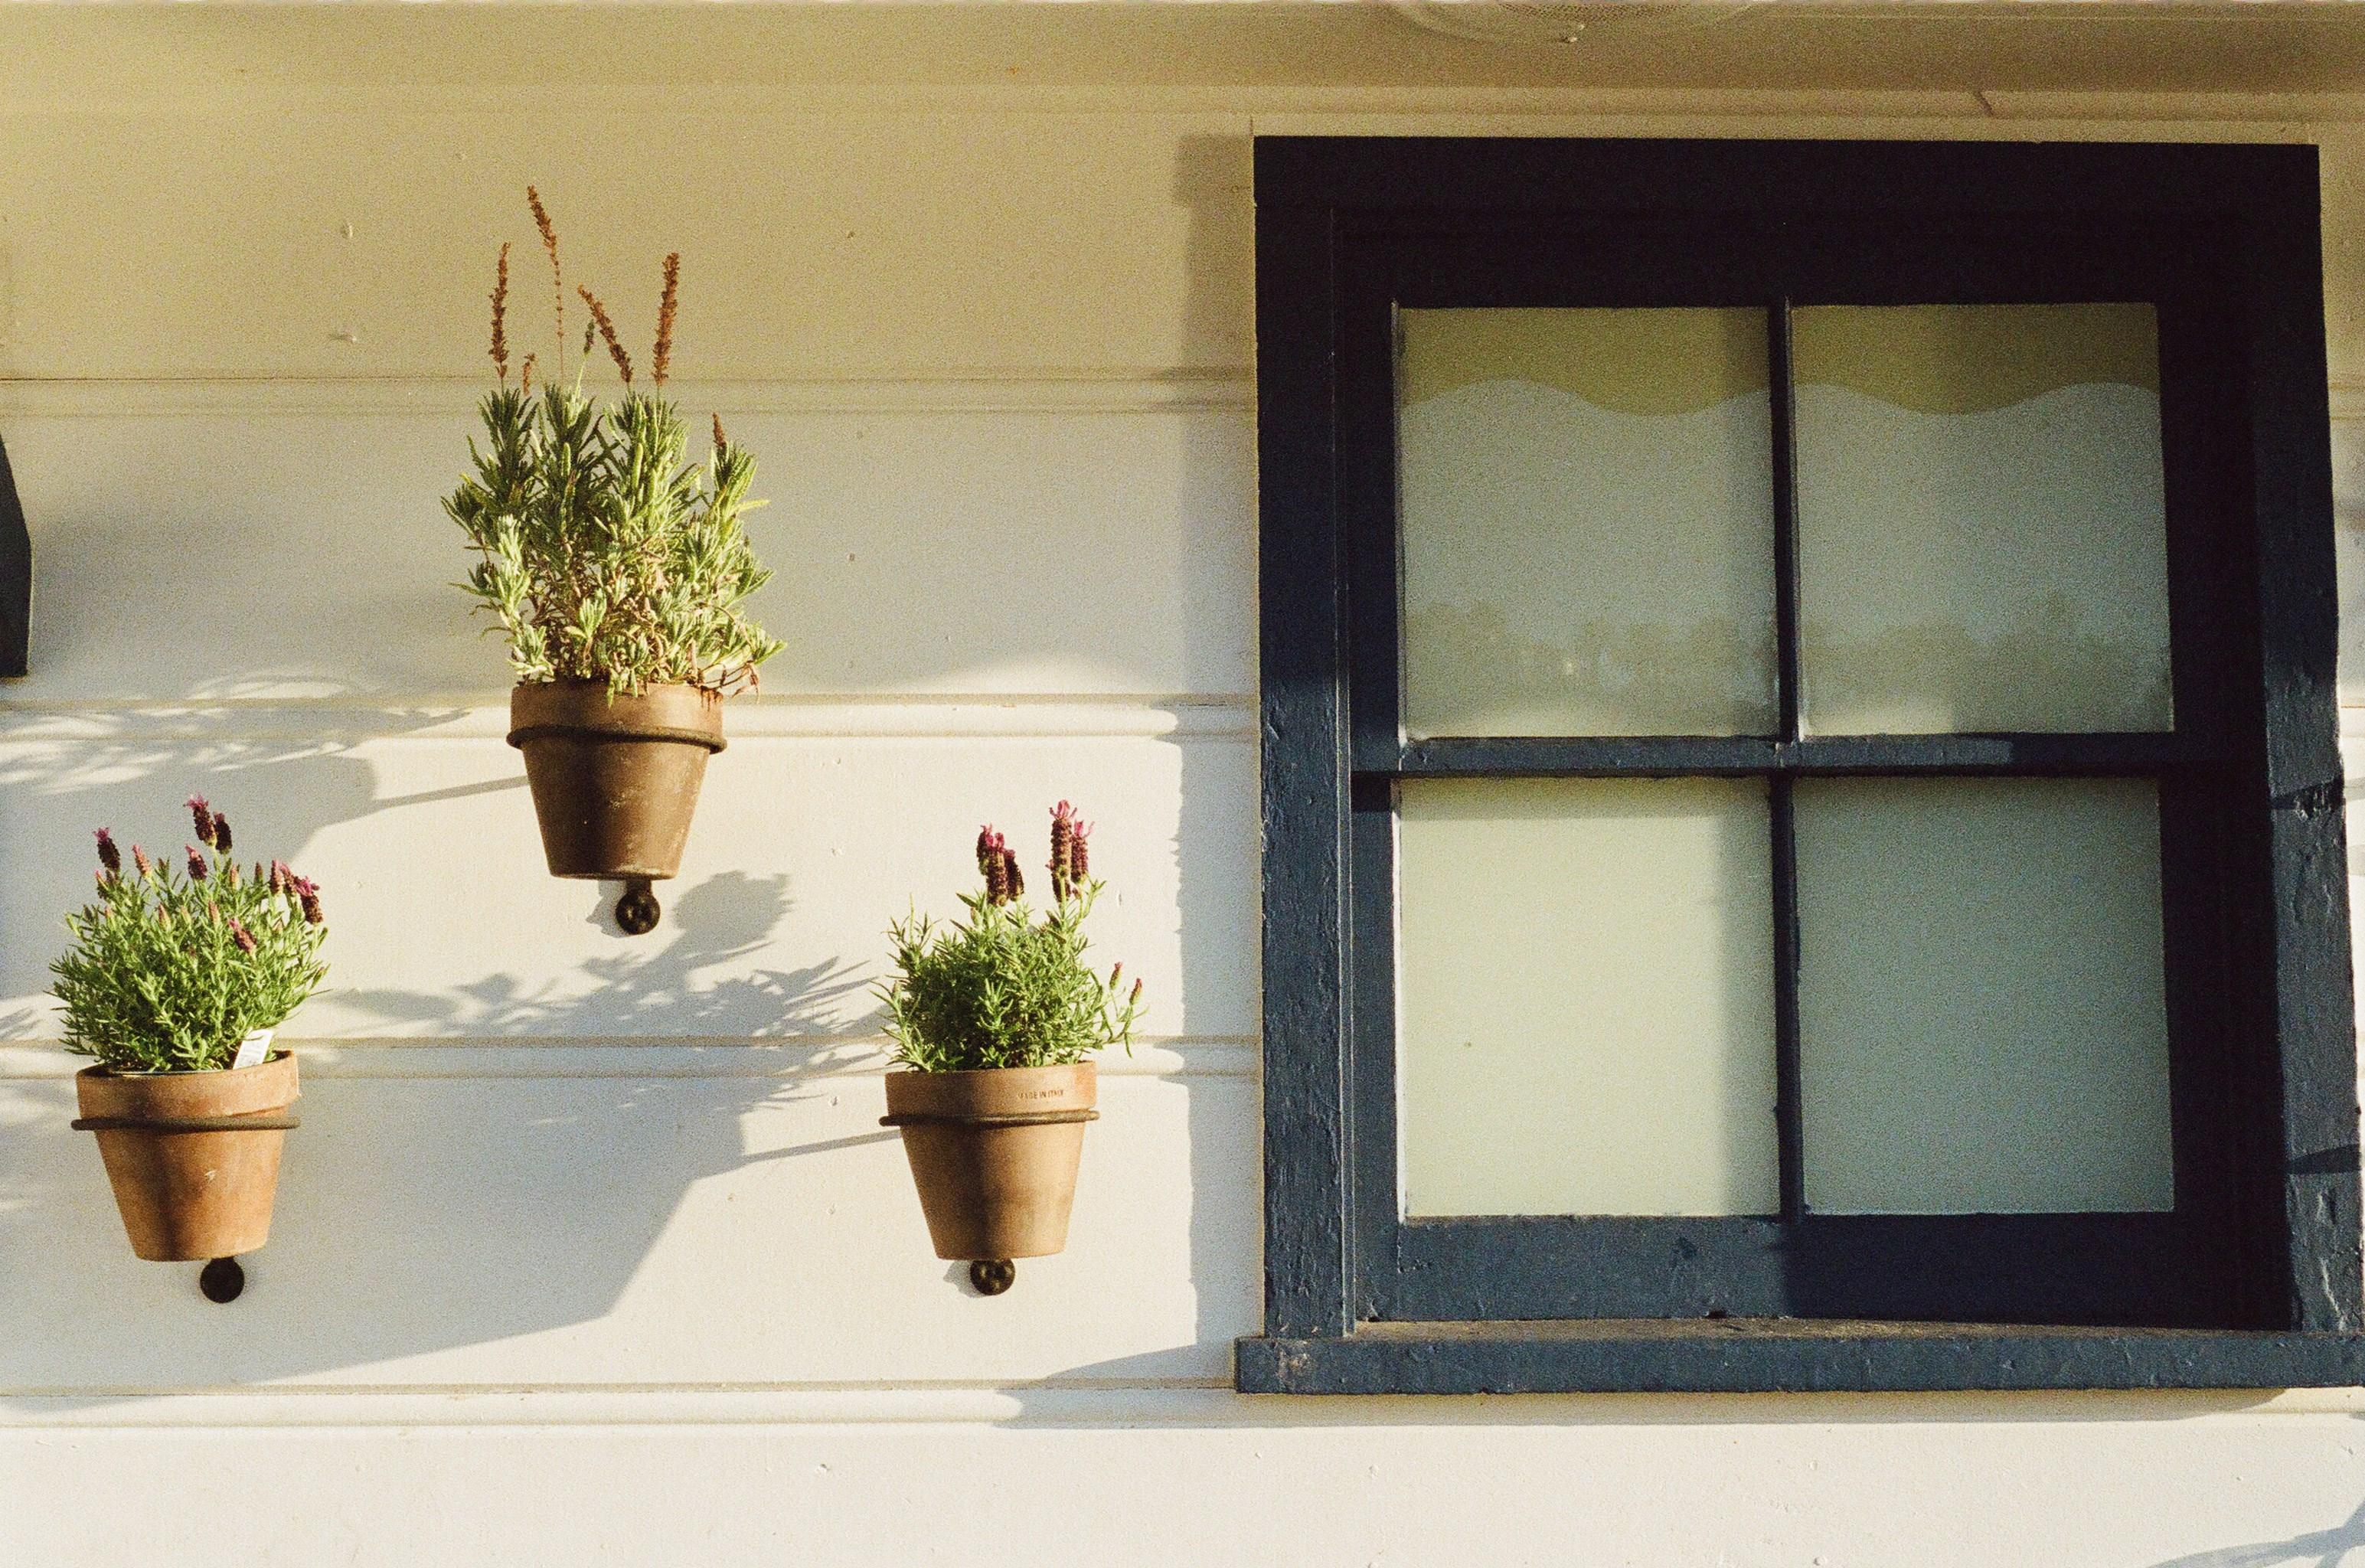 Doorbraak ouderen met verhuiswens: hypotheek sneller mogelijk